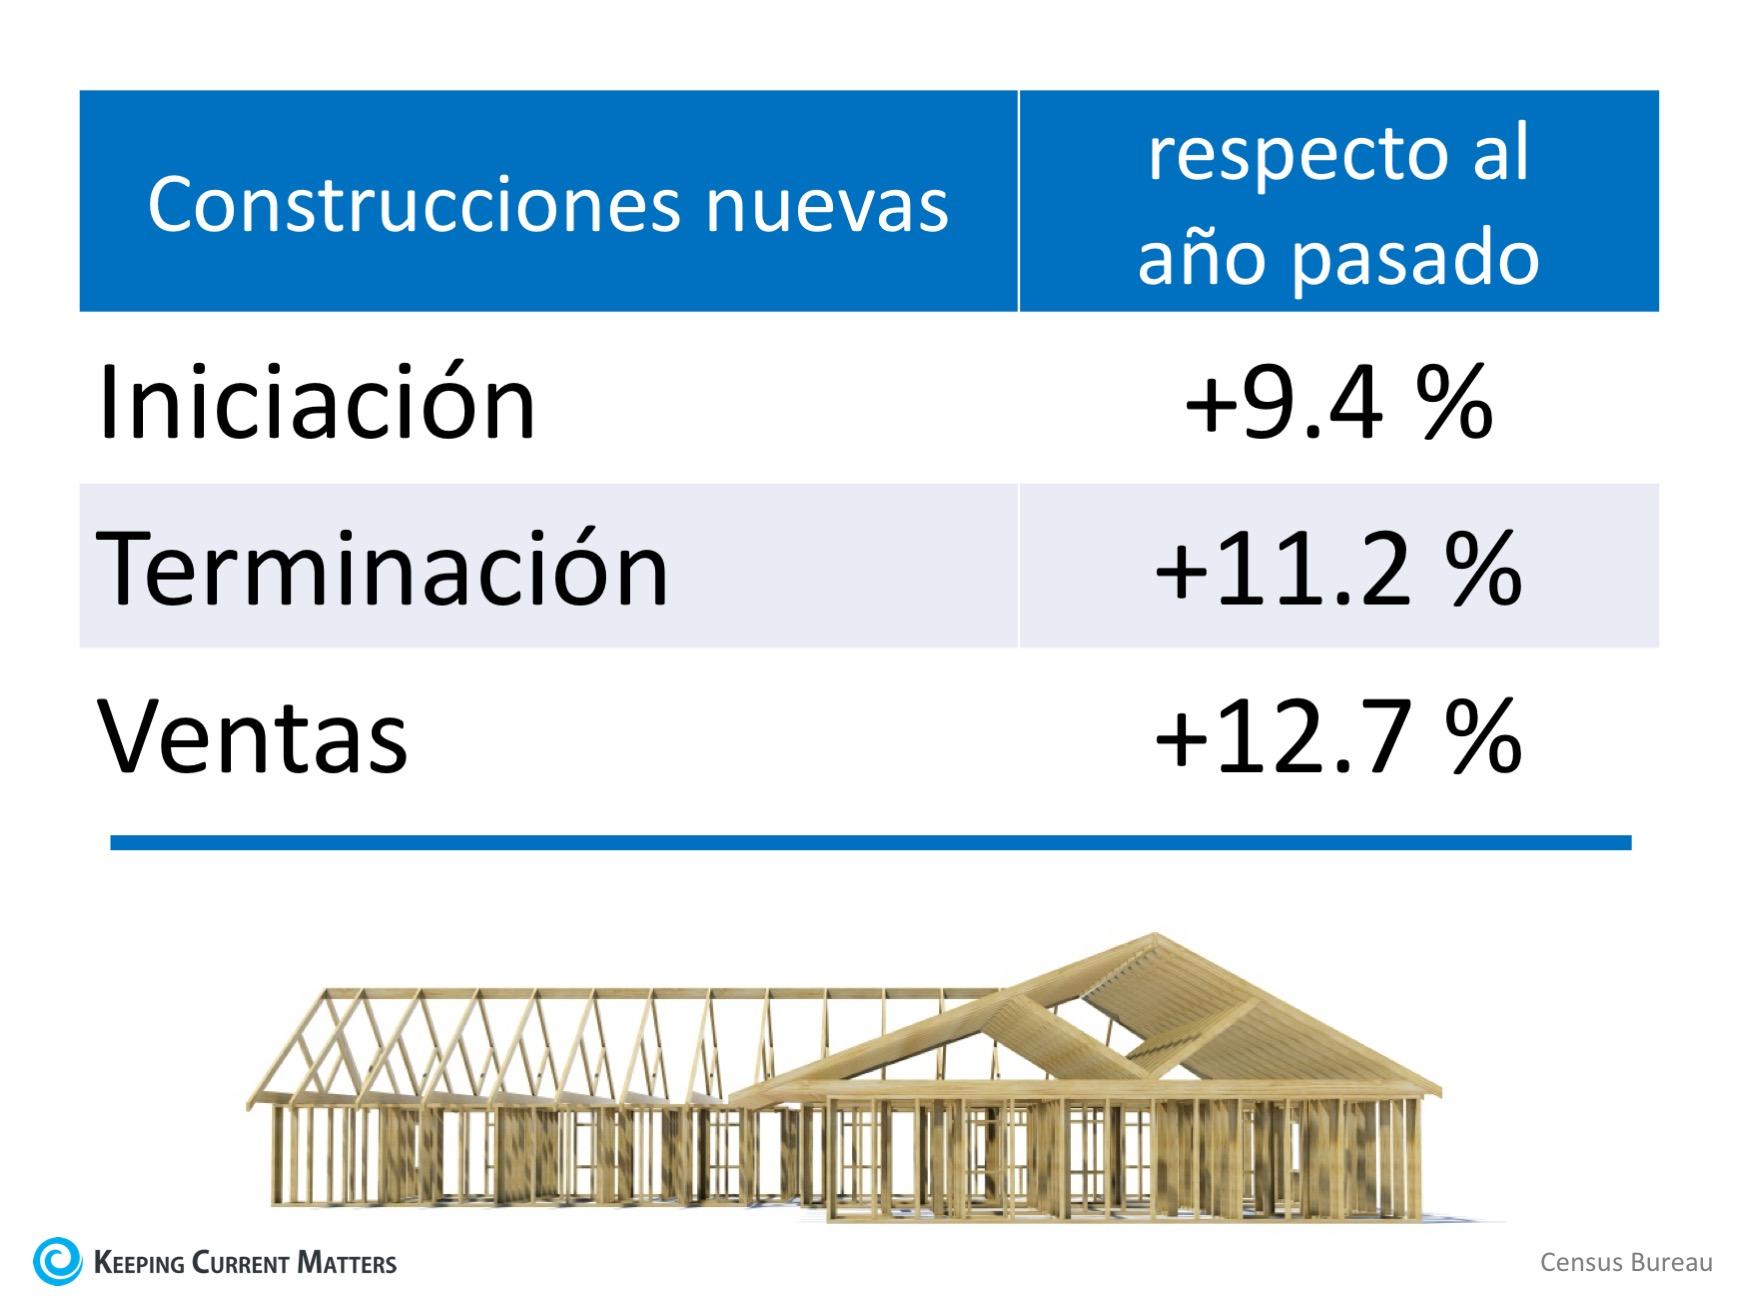 Las ventas de casas nuevas aumentaron 12.7 % respecto al año pasado | Keeping Current Matters